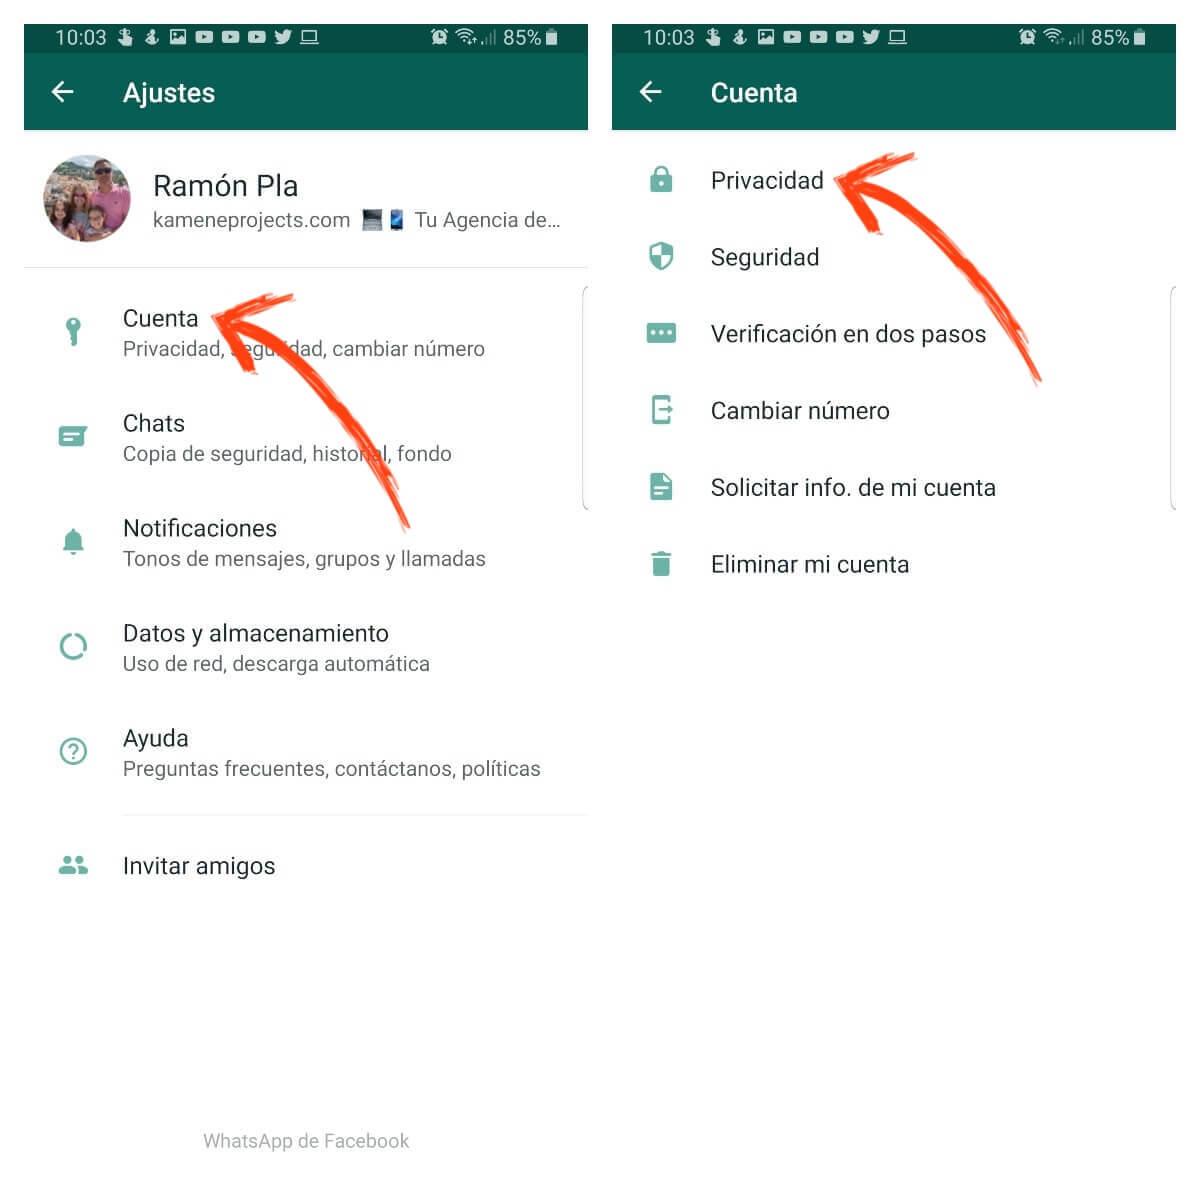 como activar el bloqueo con huella dactilar de whatsapp ajustes cuenta